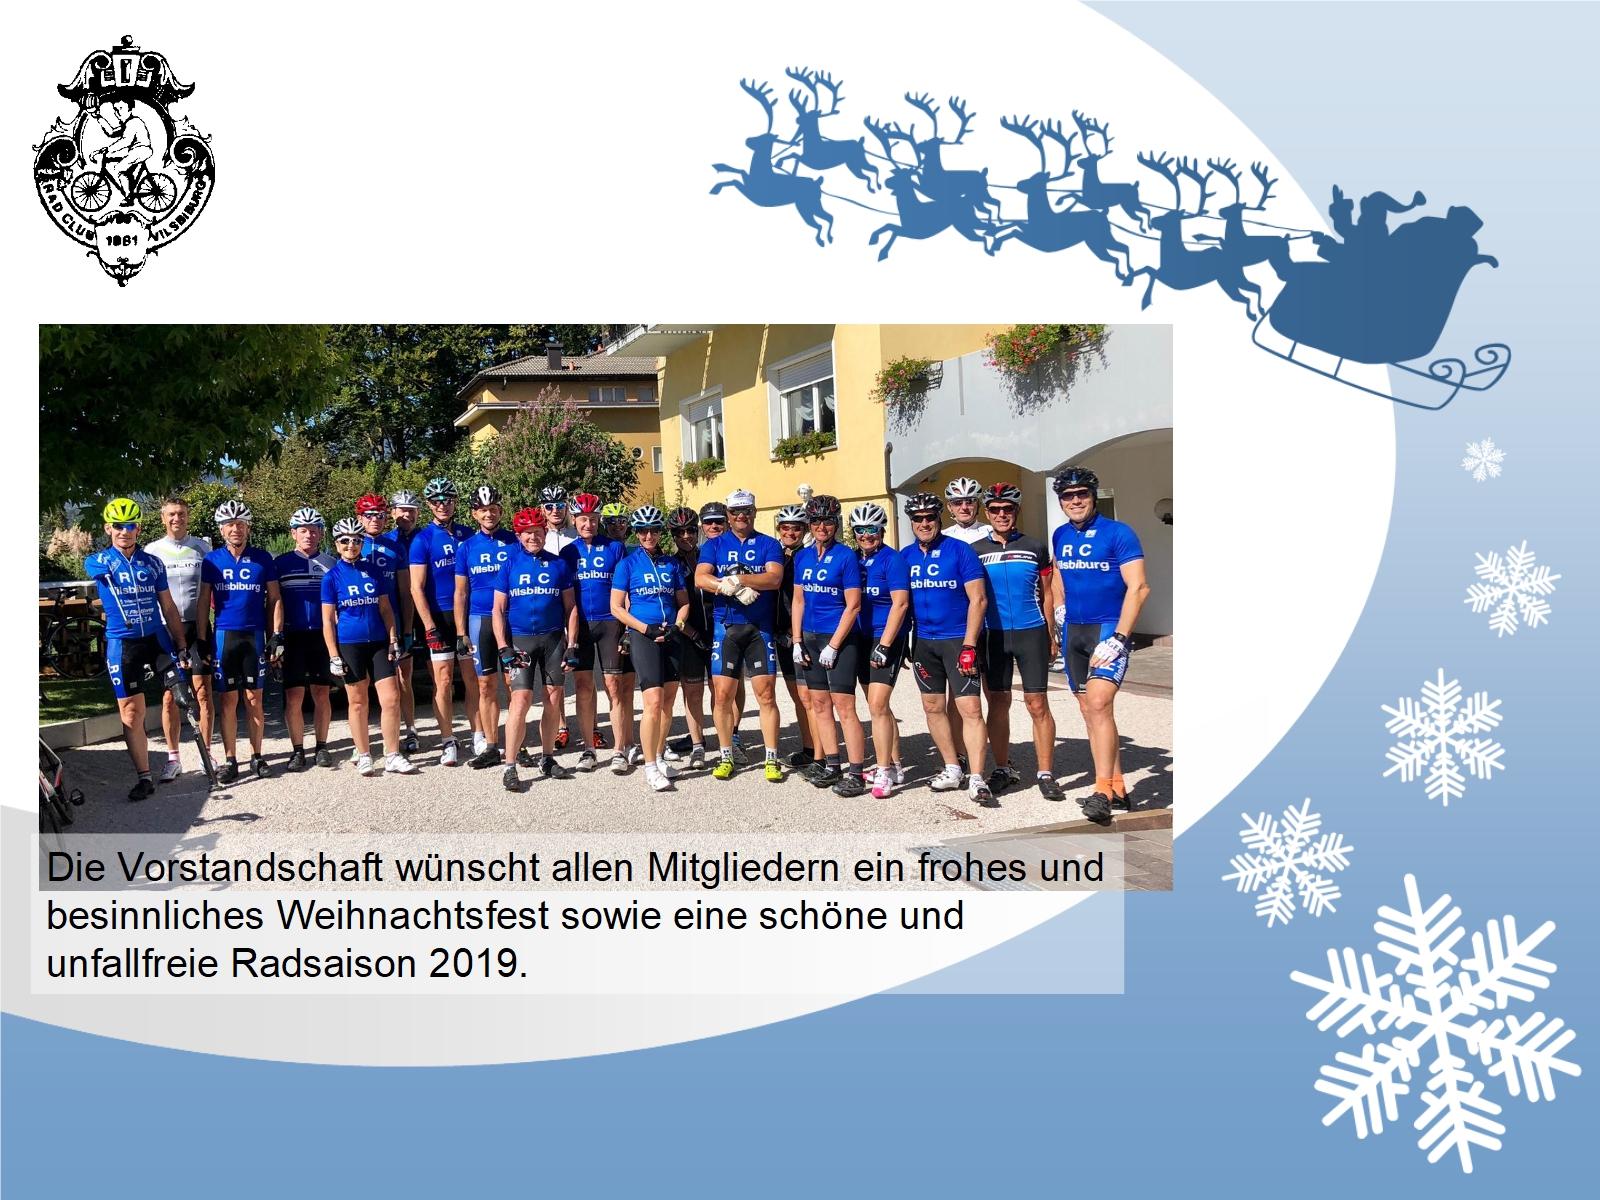 Weihnachtsgrüße Team.Weihnachtsgrüße Rc Vilsbiburg E V